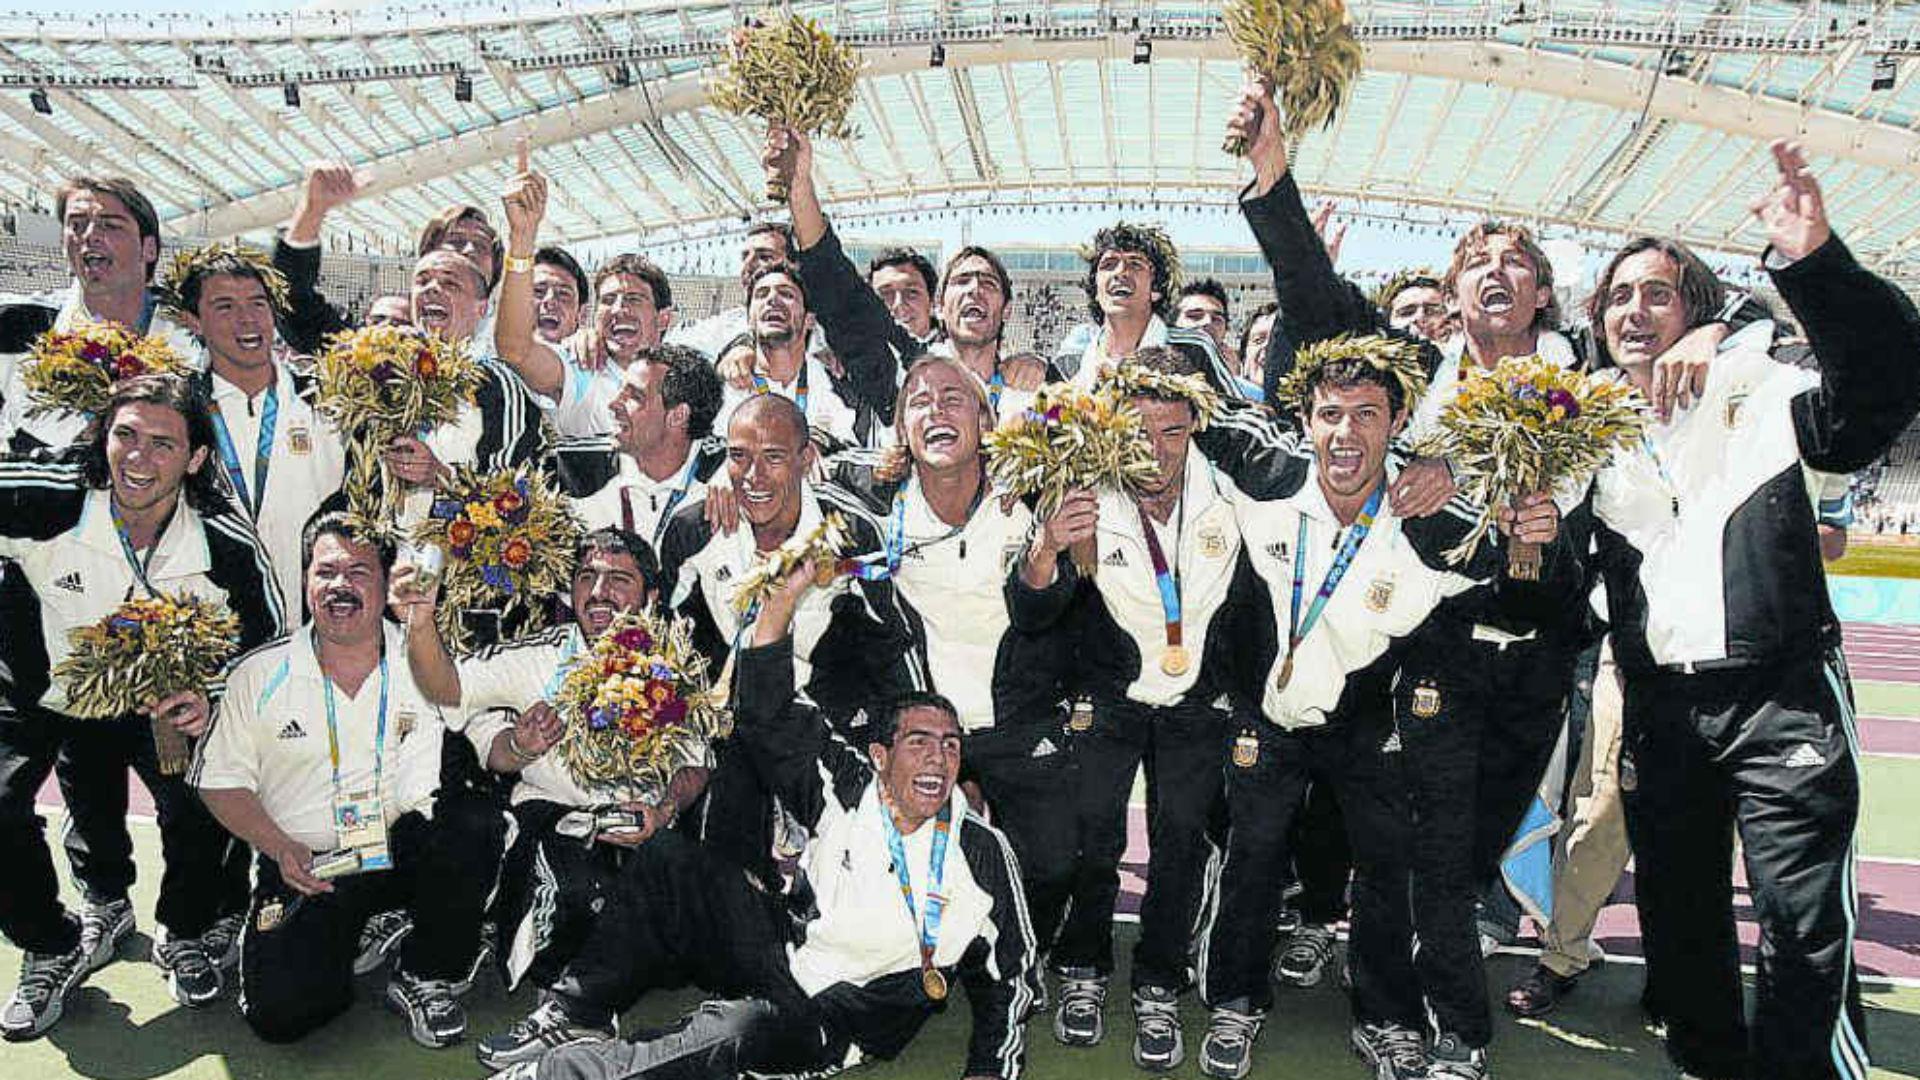 Argentina Campeon Juegos Olimpico 2004